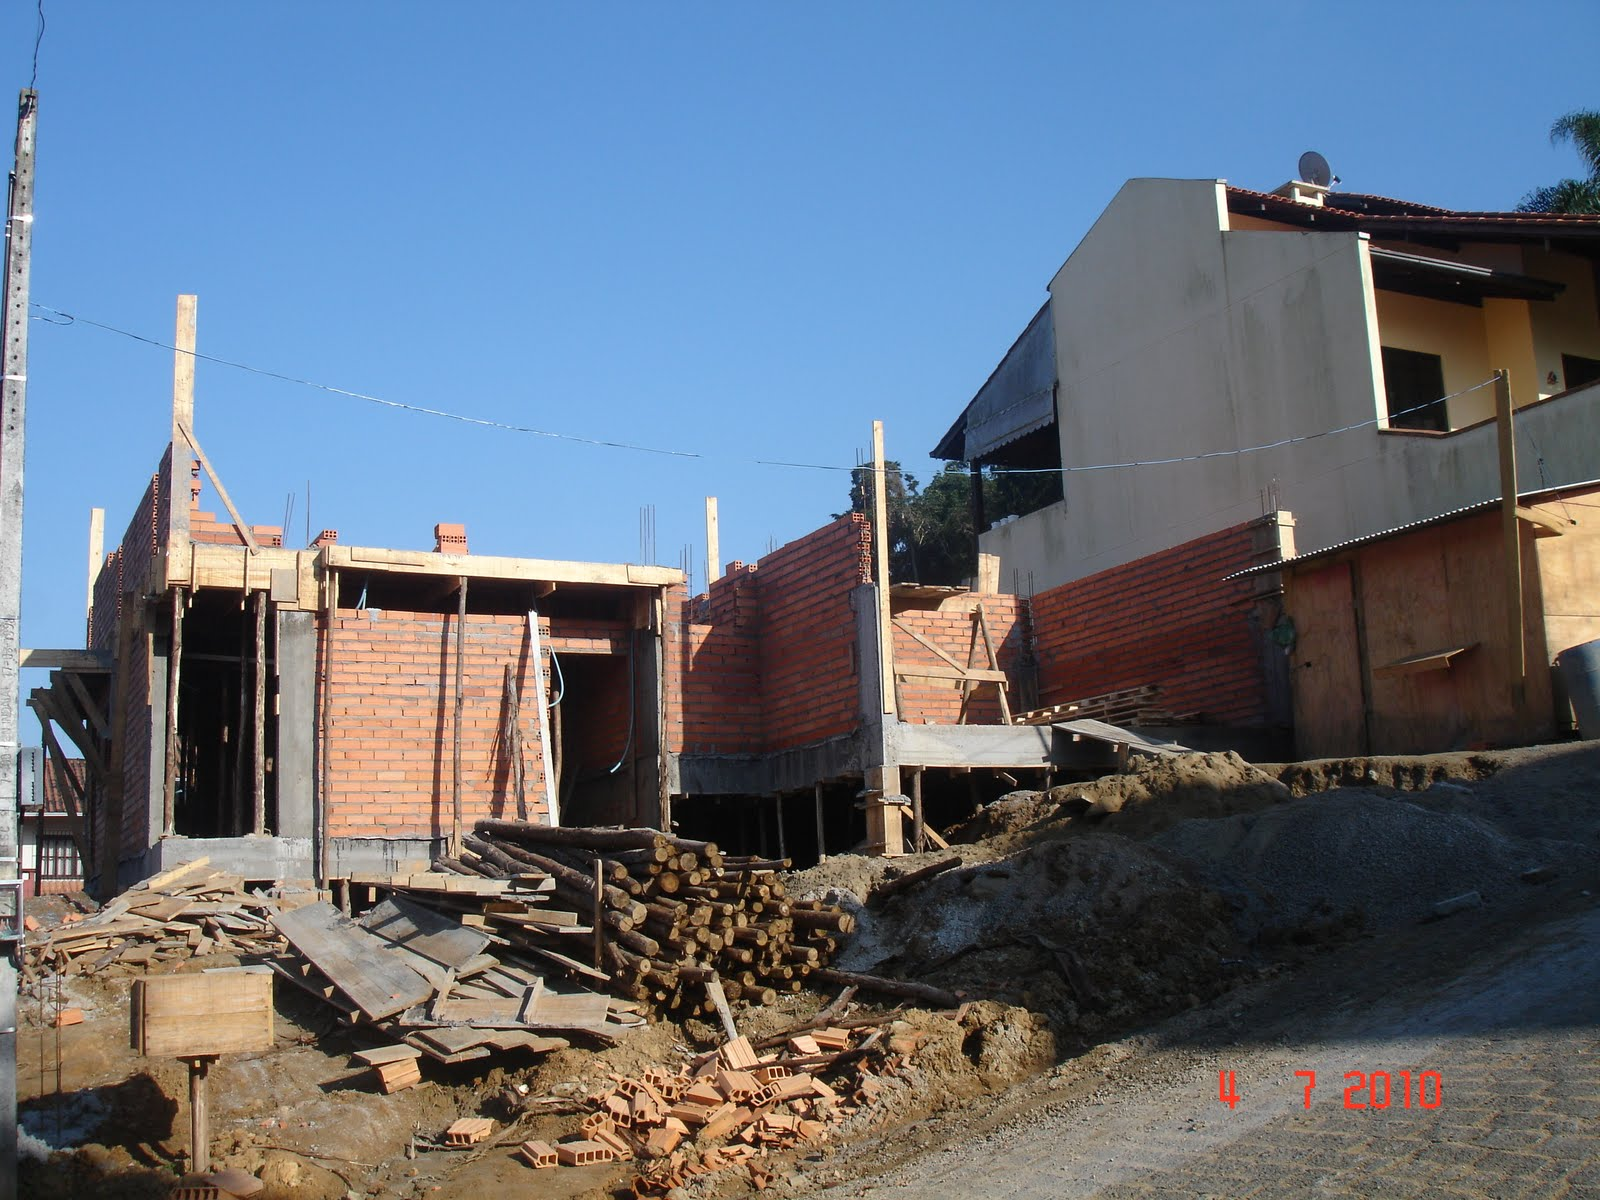 Nossa Casa no Site Construção da fundação ao acabamento: Fotos  #1F65AC 1600 1200